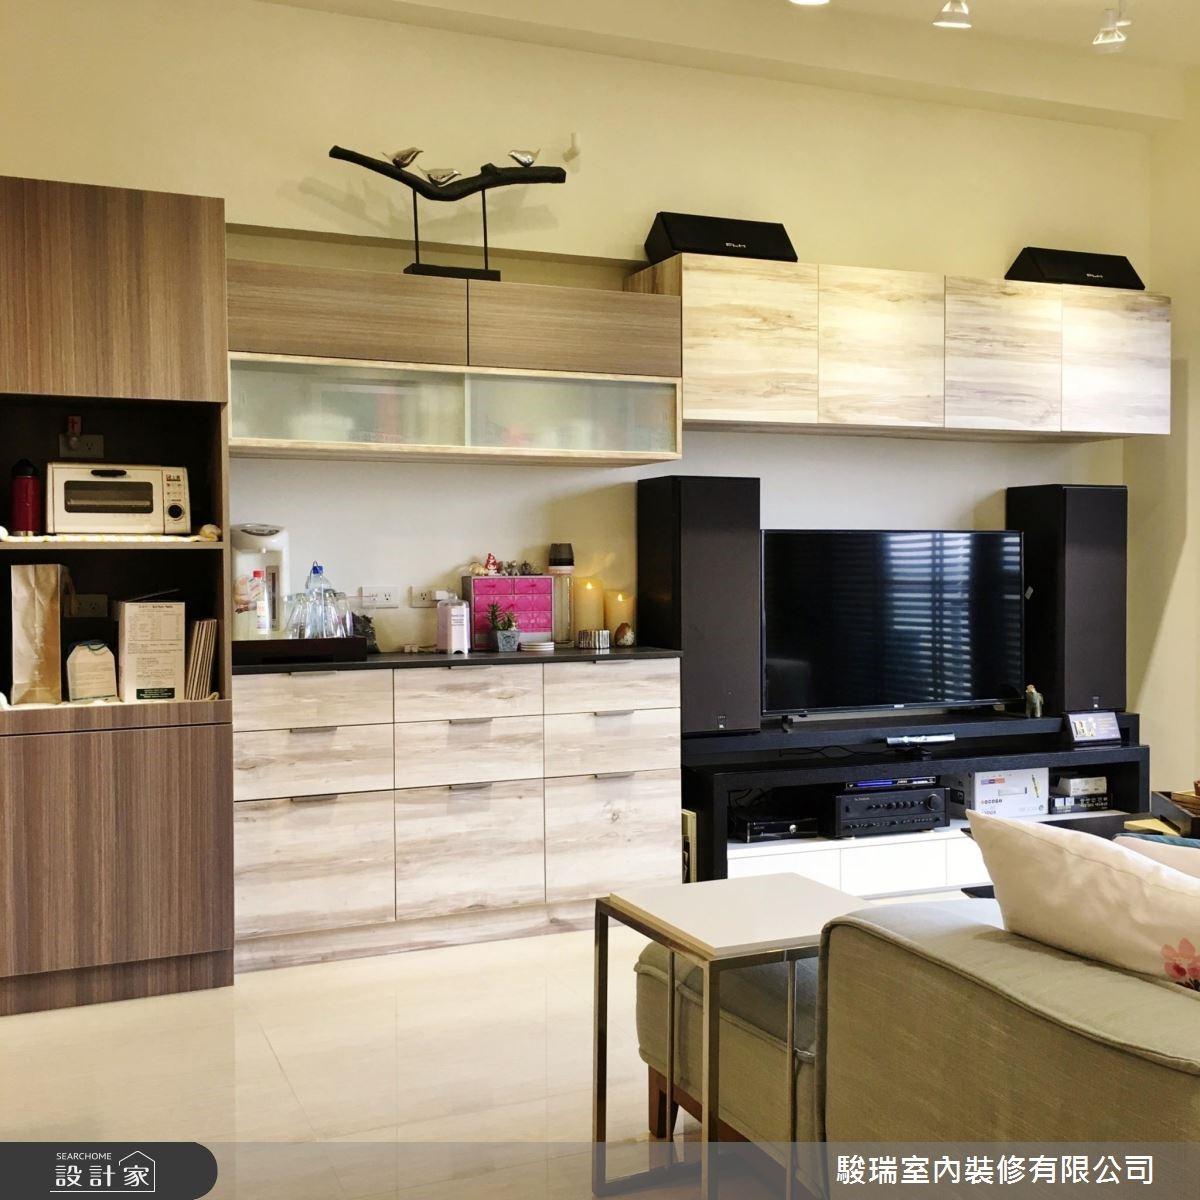 28坪新成屋(5年以下)_現代風客廳案例圖片_駿瑞室內裝修有限公司_駿瑞_05之5